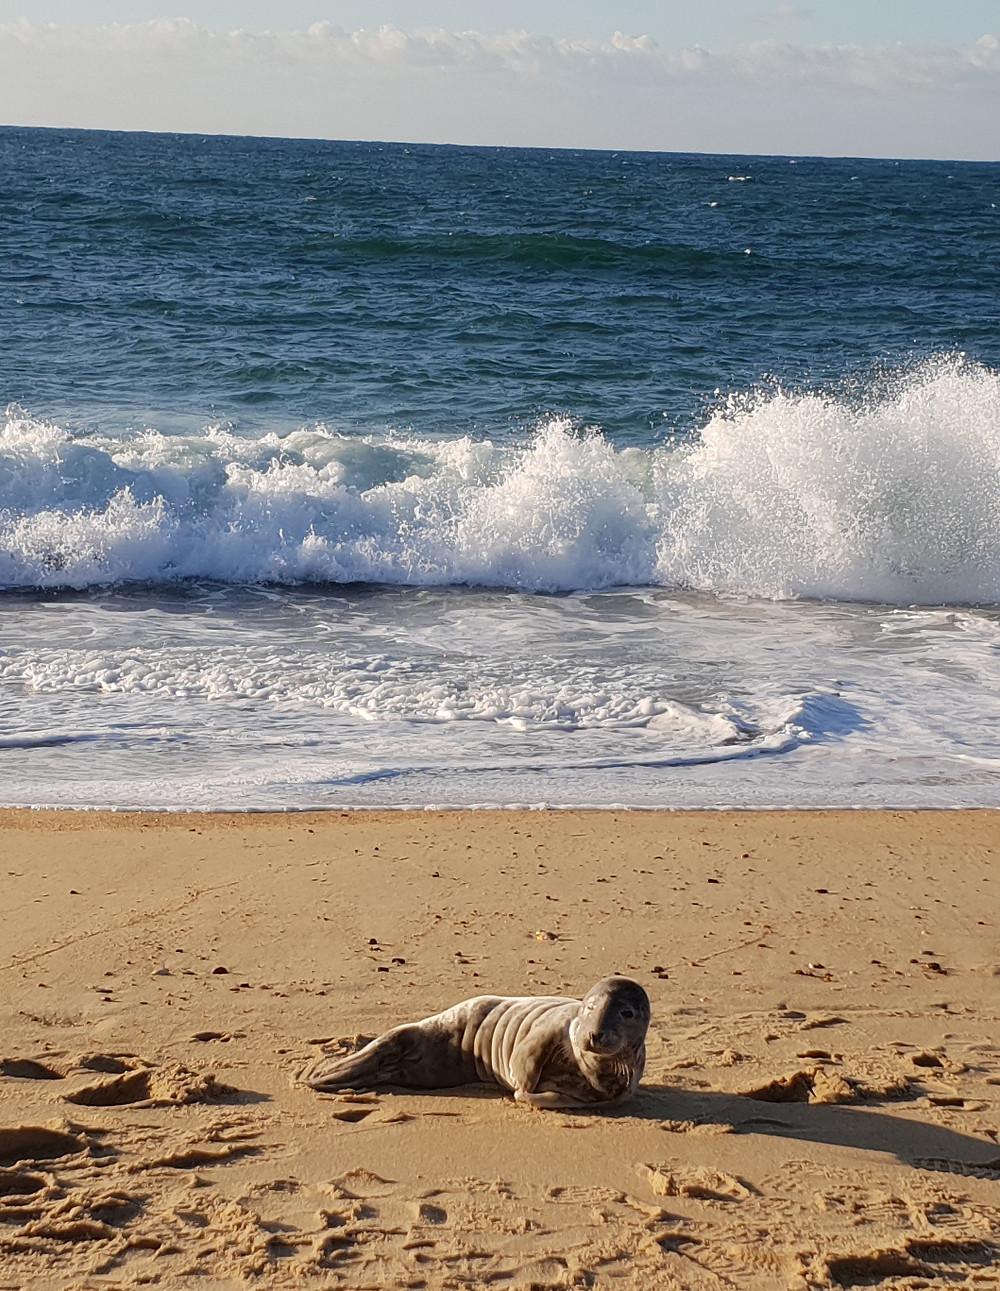 Phoque échoué sur la plage